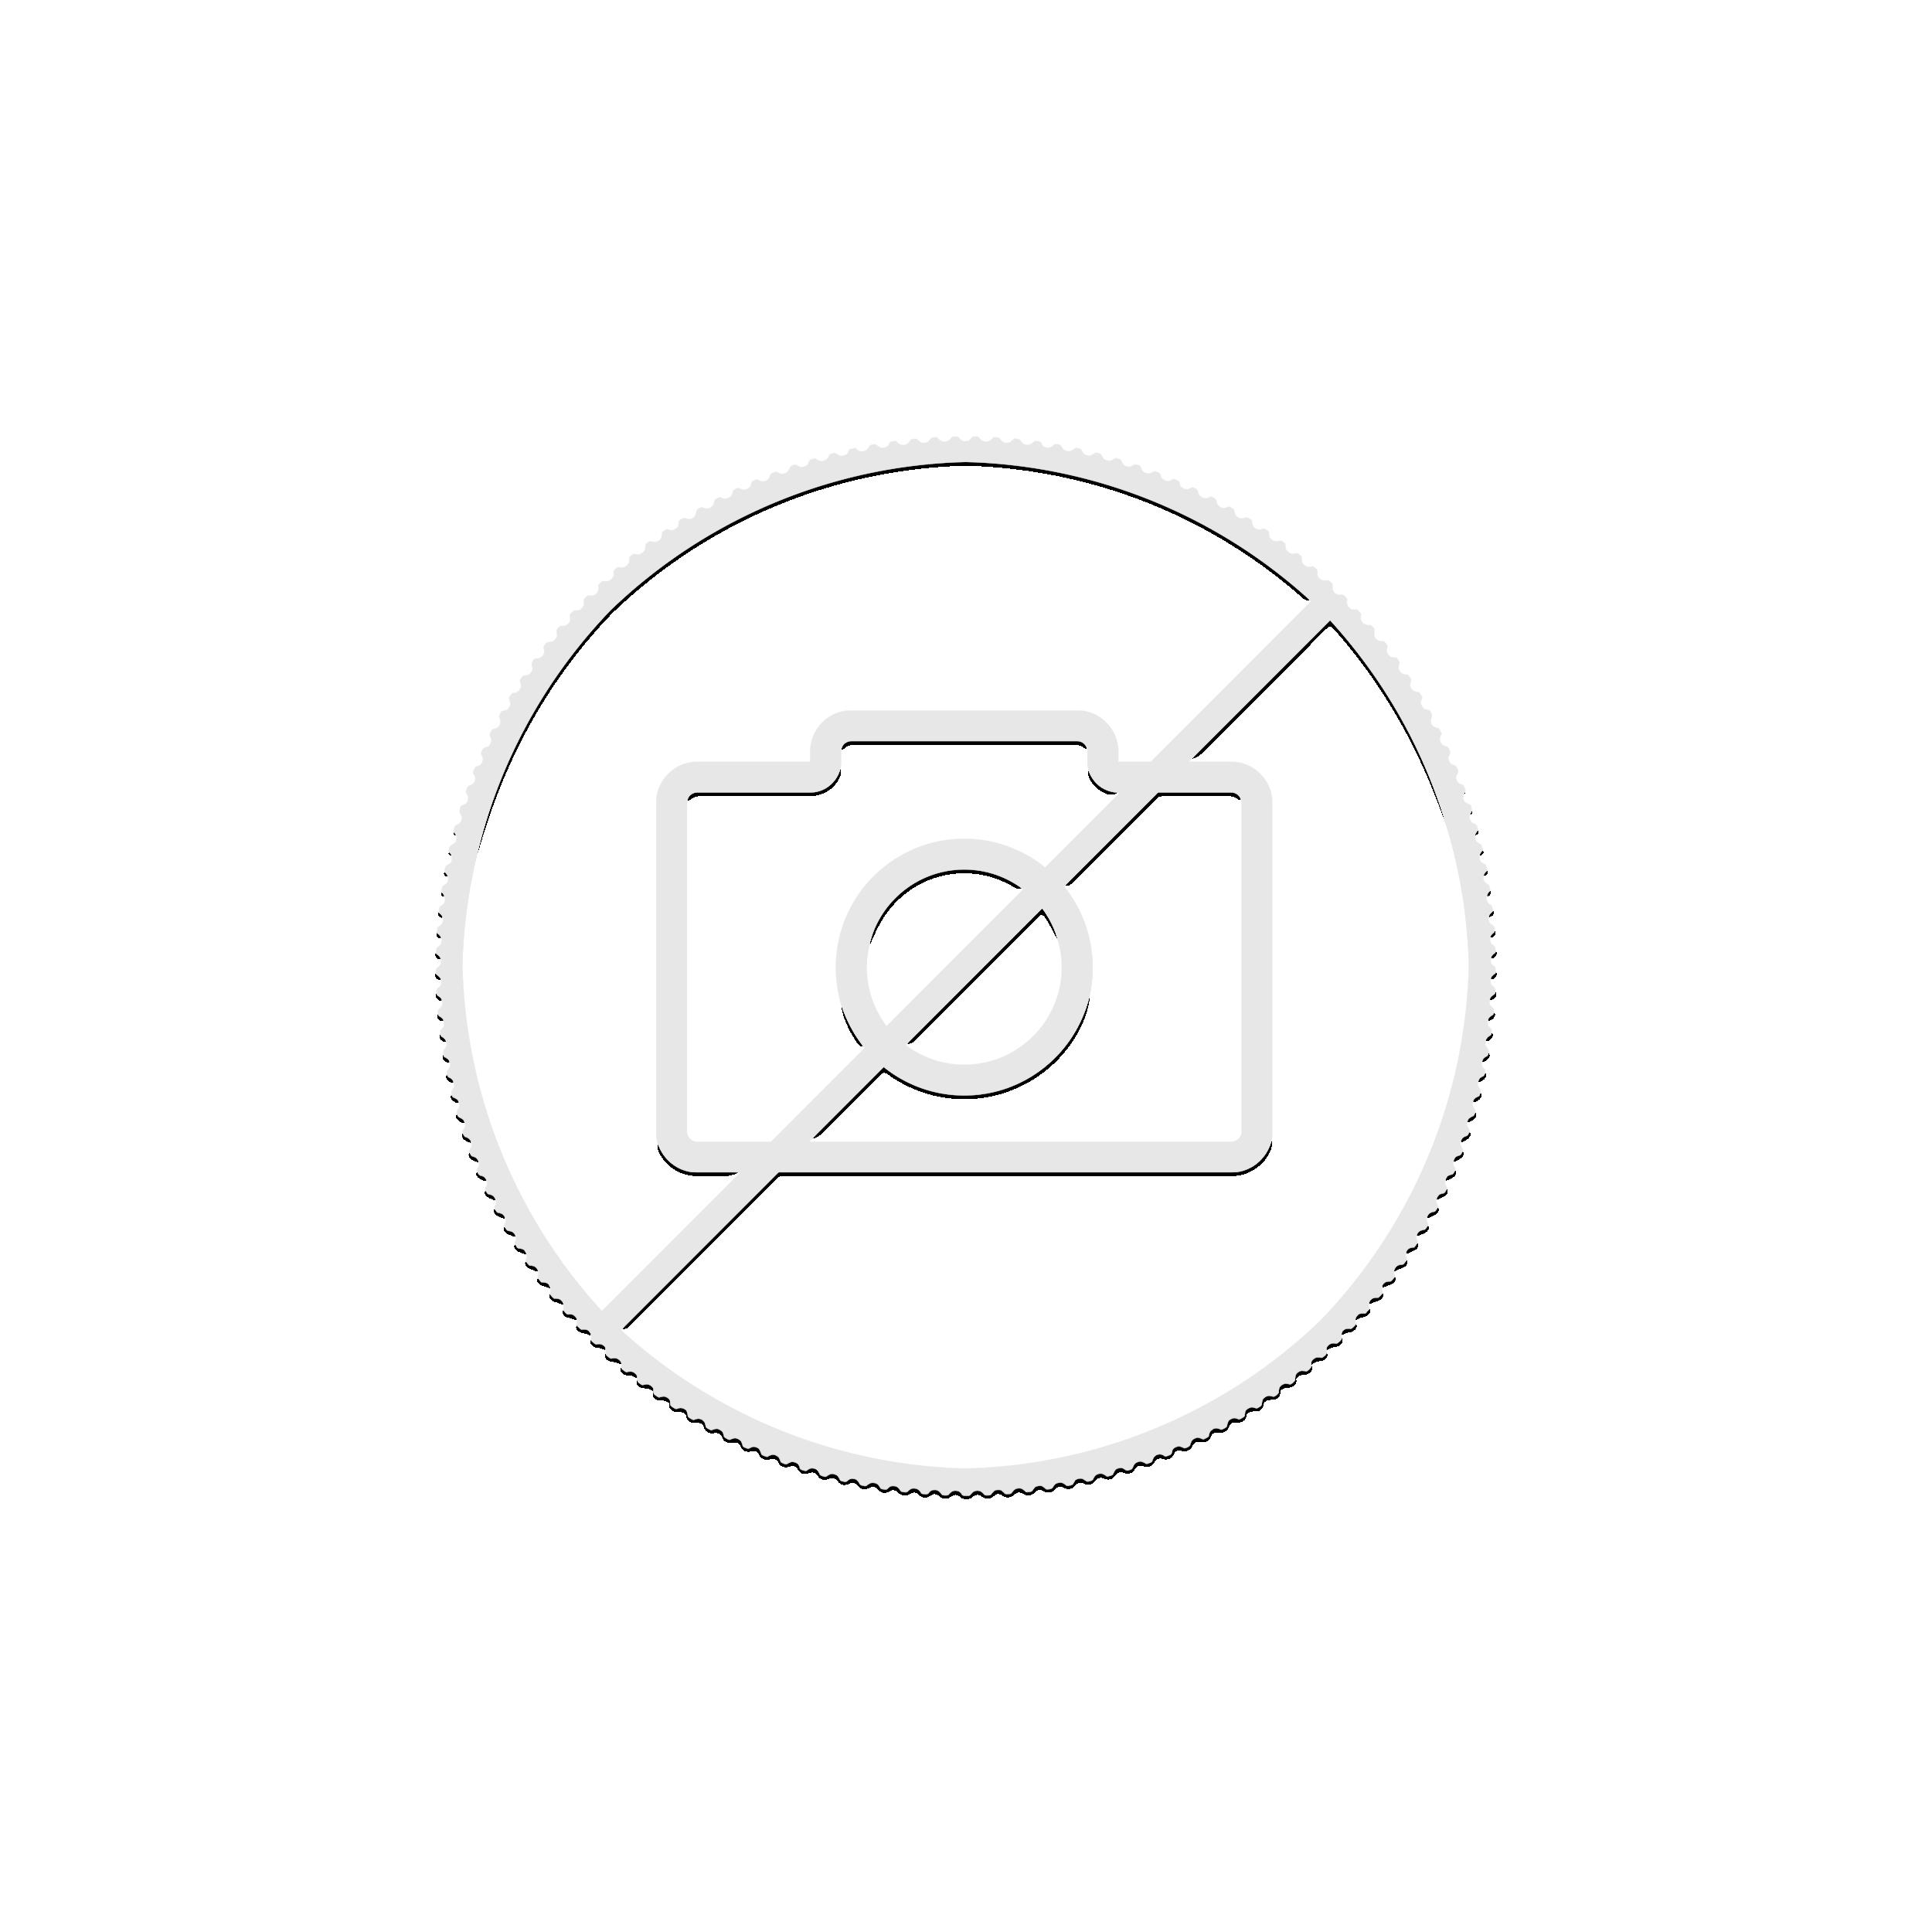 5 Troy ounce zilver Lunar munt 2013 - jaar van de slang